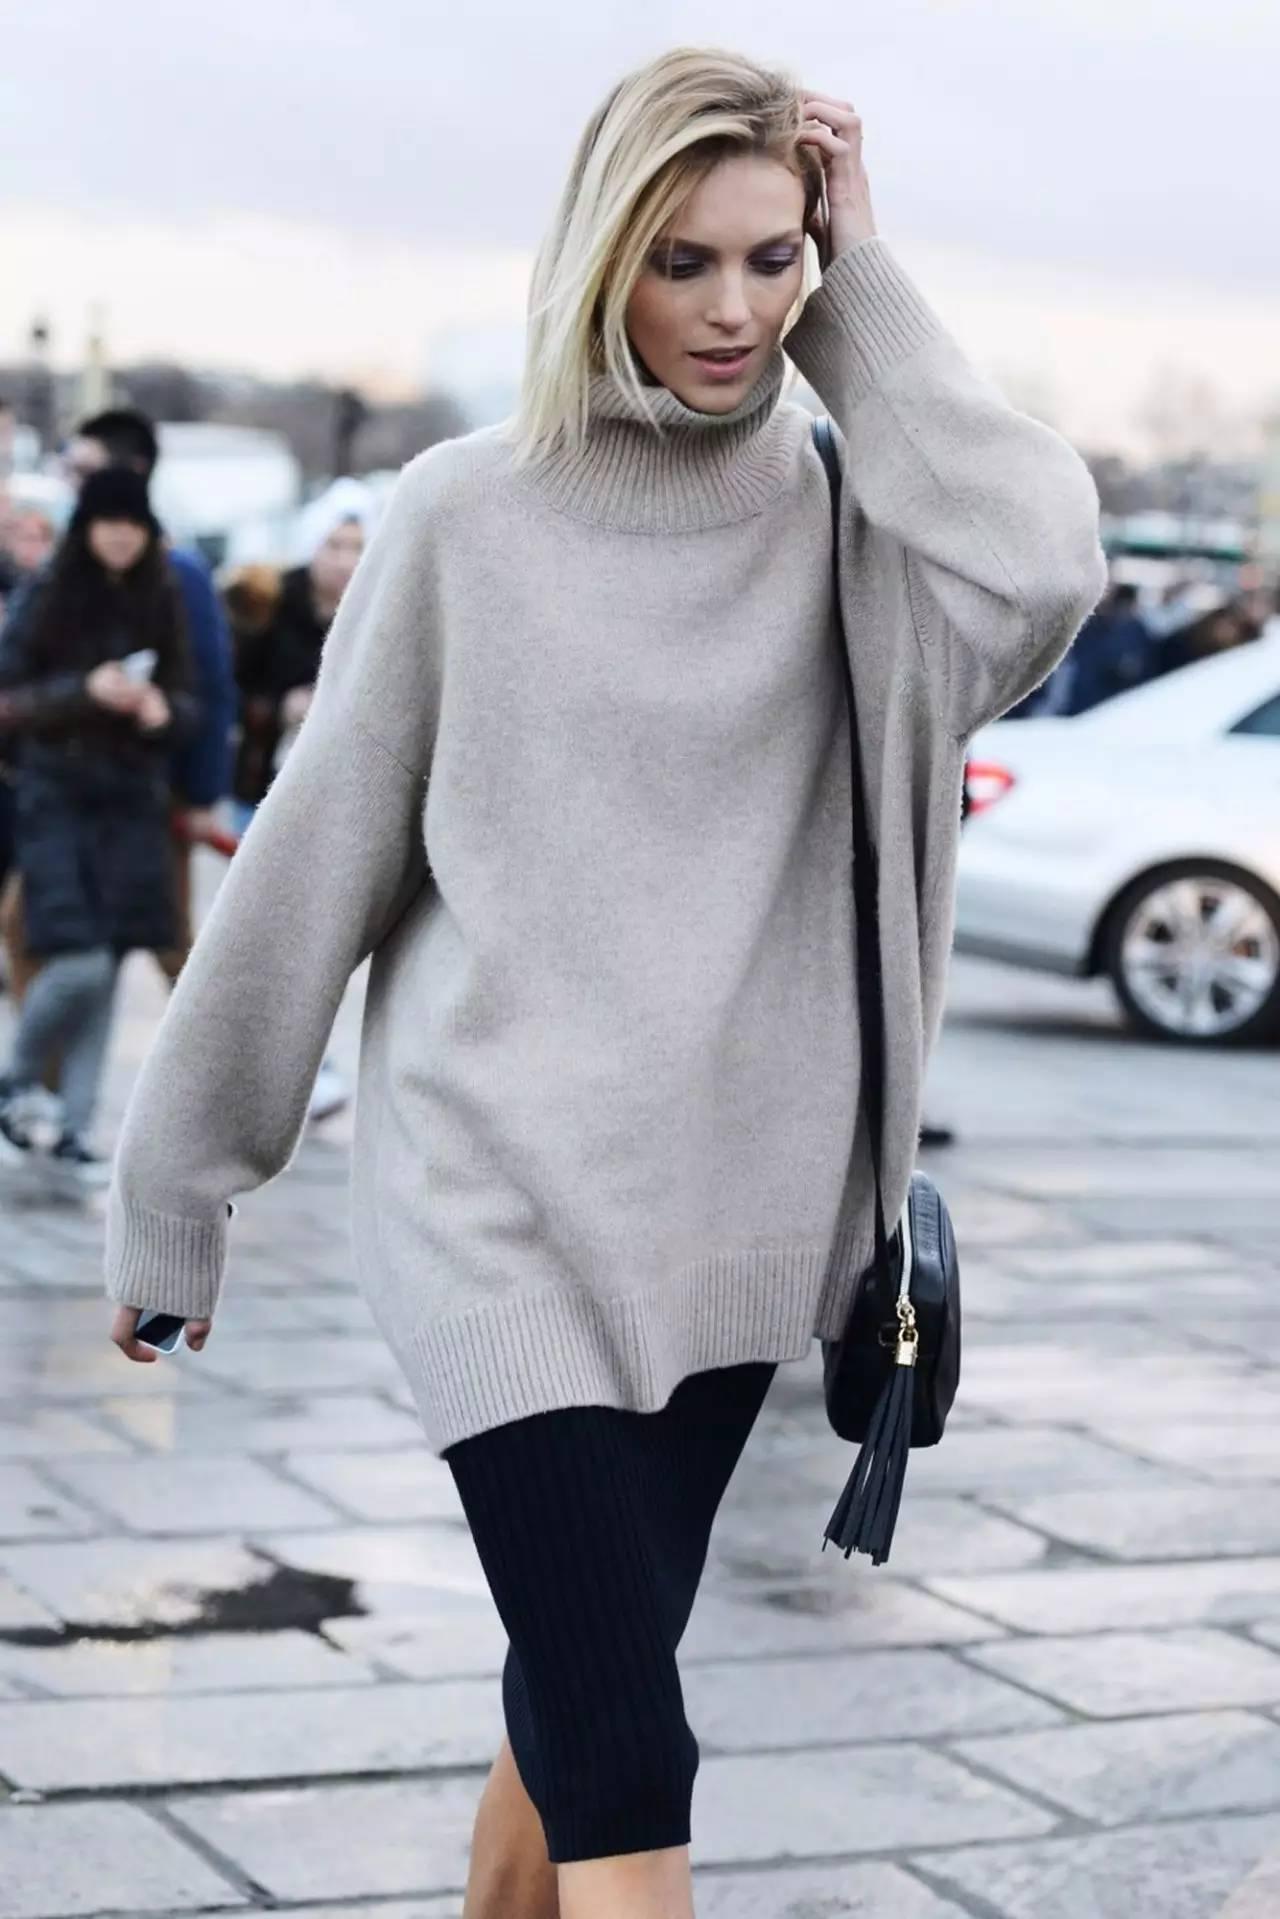 Мода больше не требует жертв: 7 комфортных образов, которые в тренде